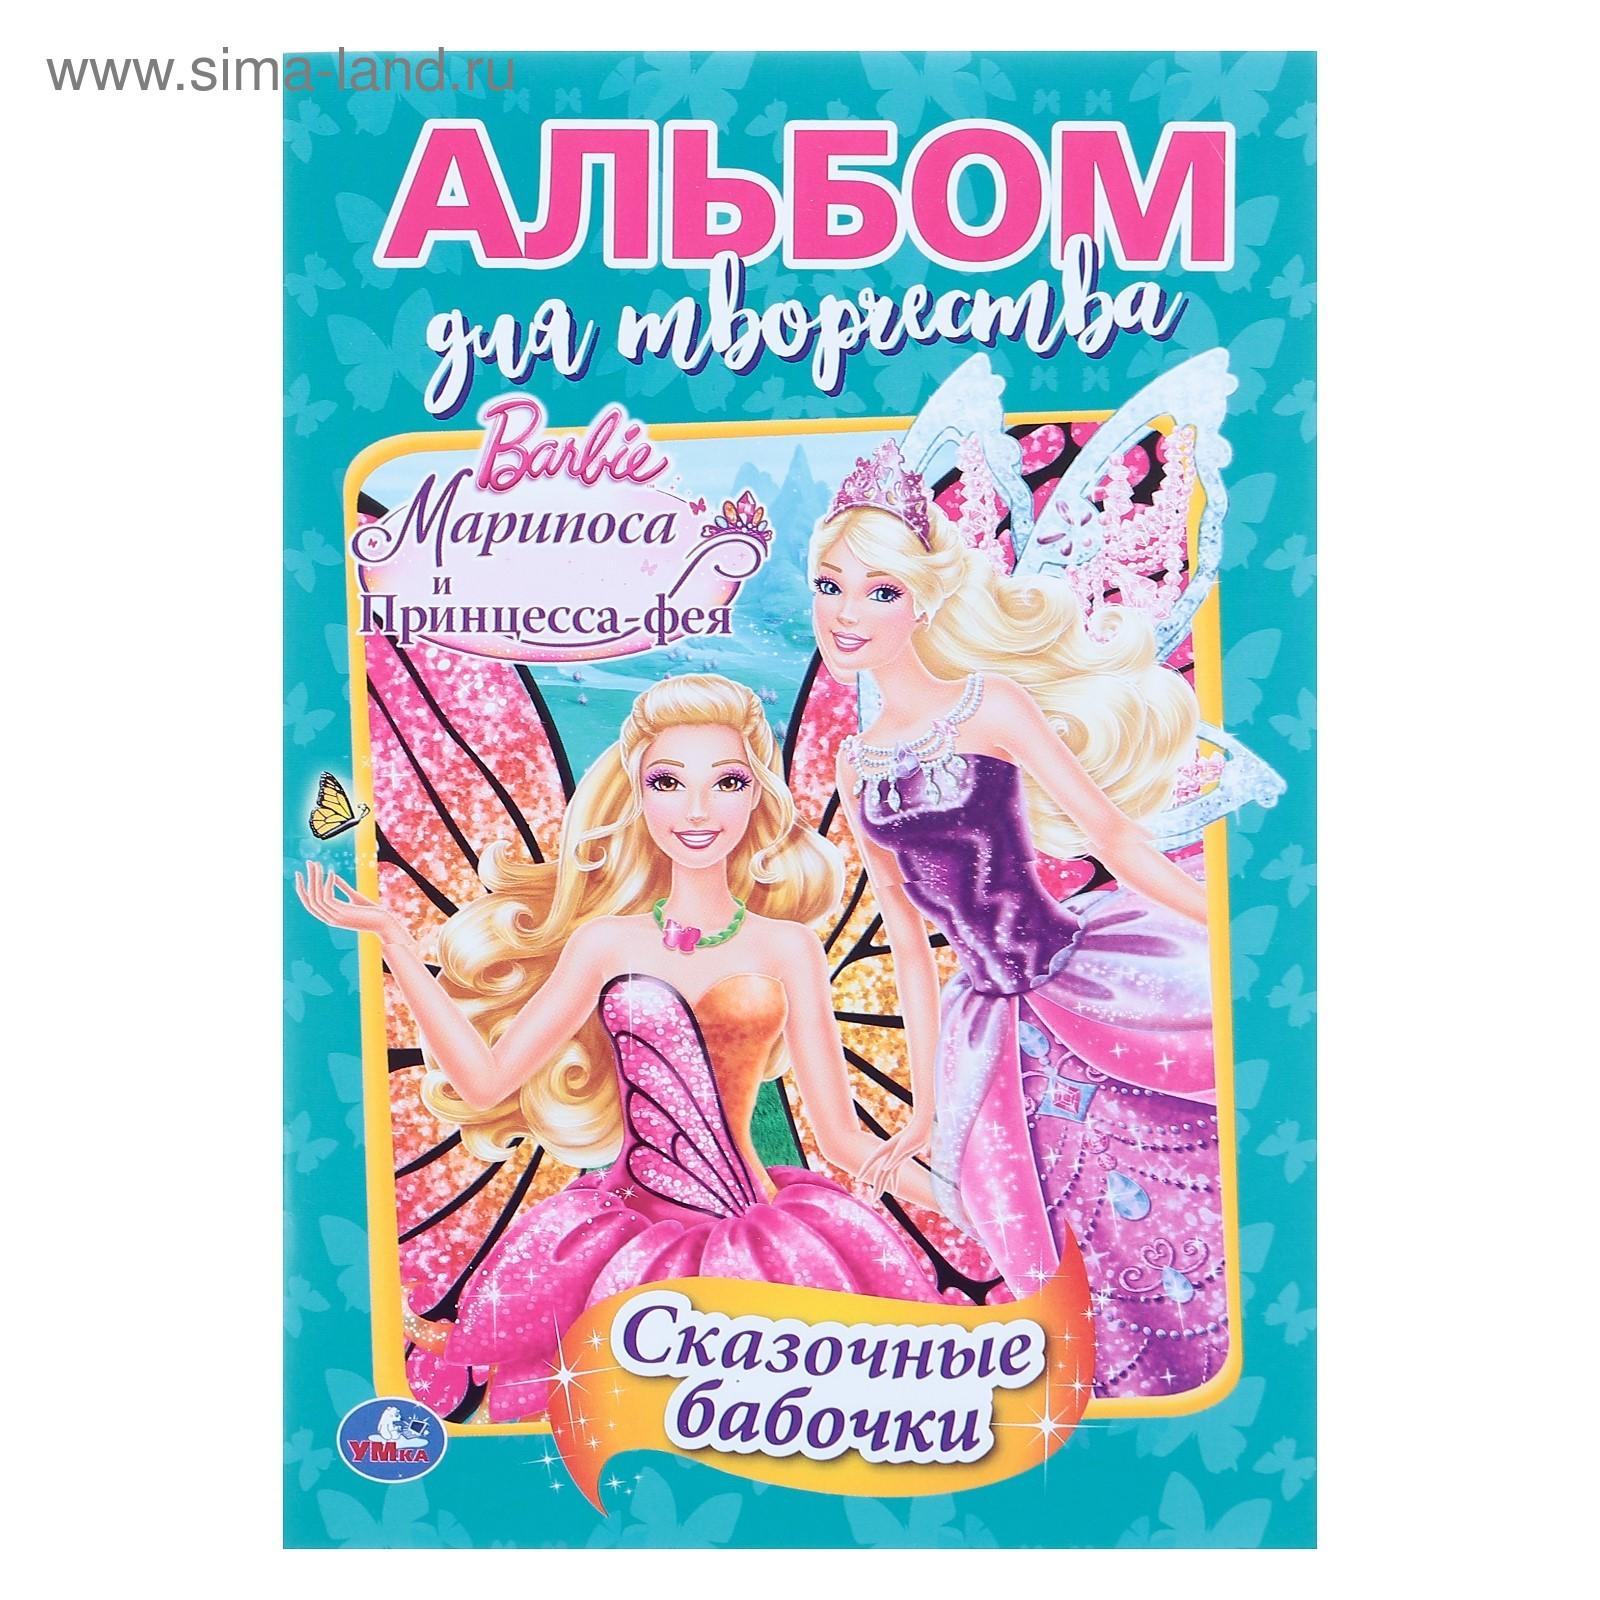 раскраска барби бабочки феи 4378329 купить по цене от